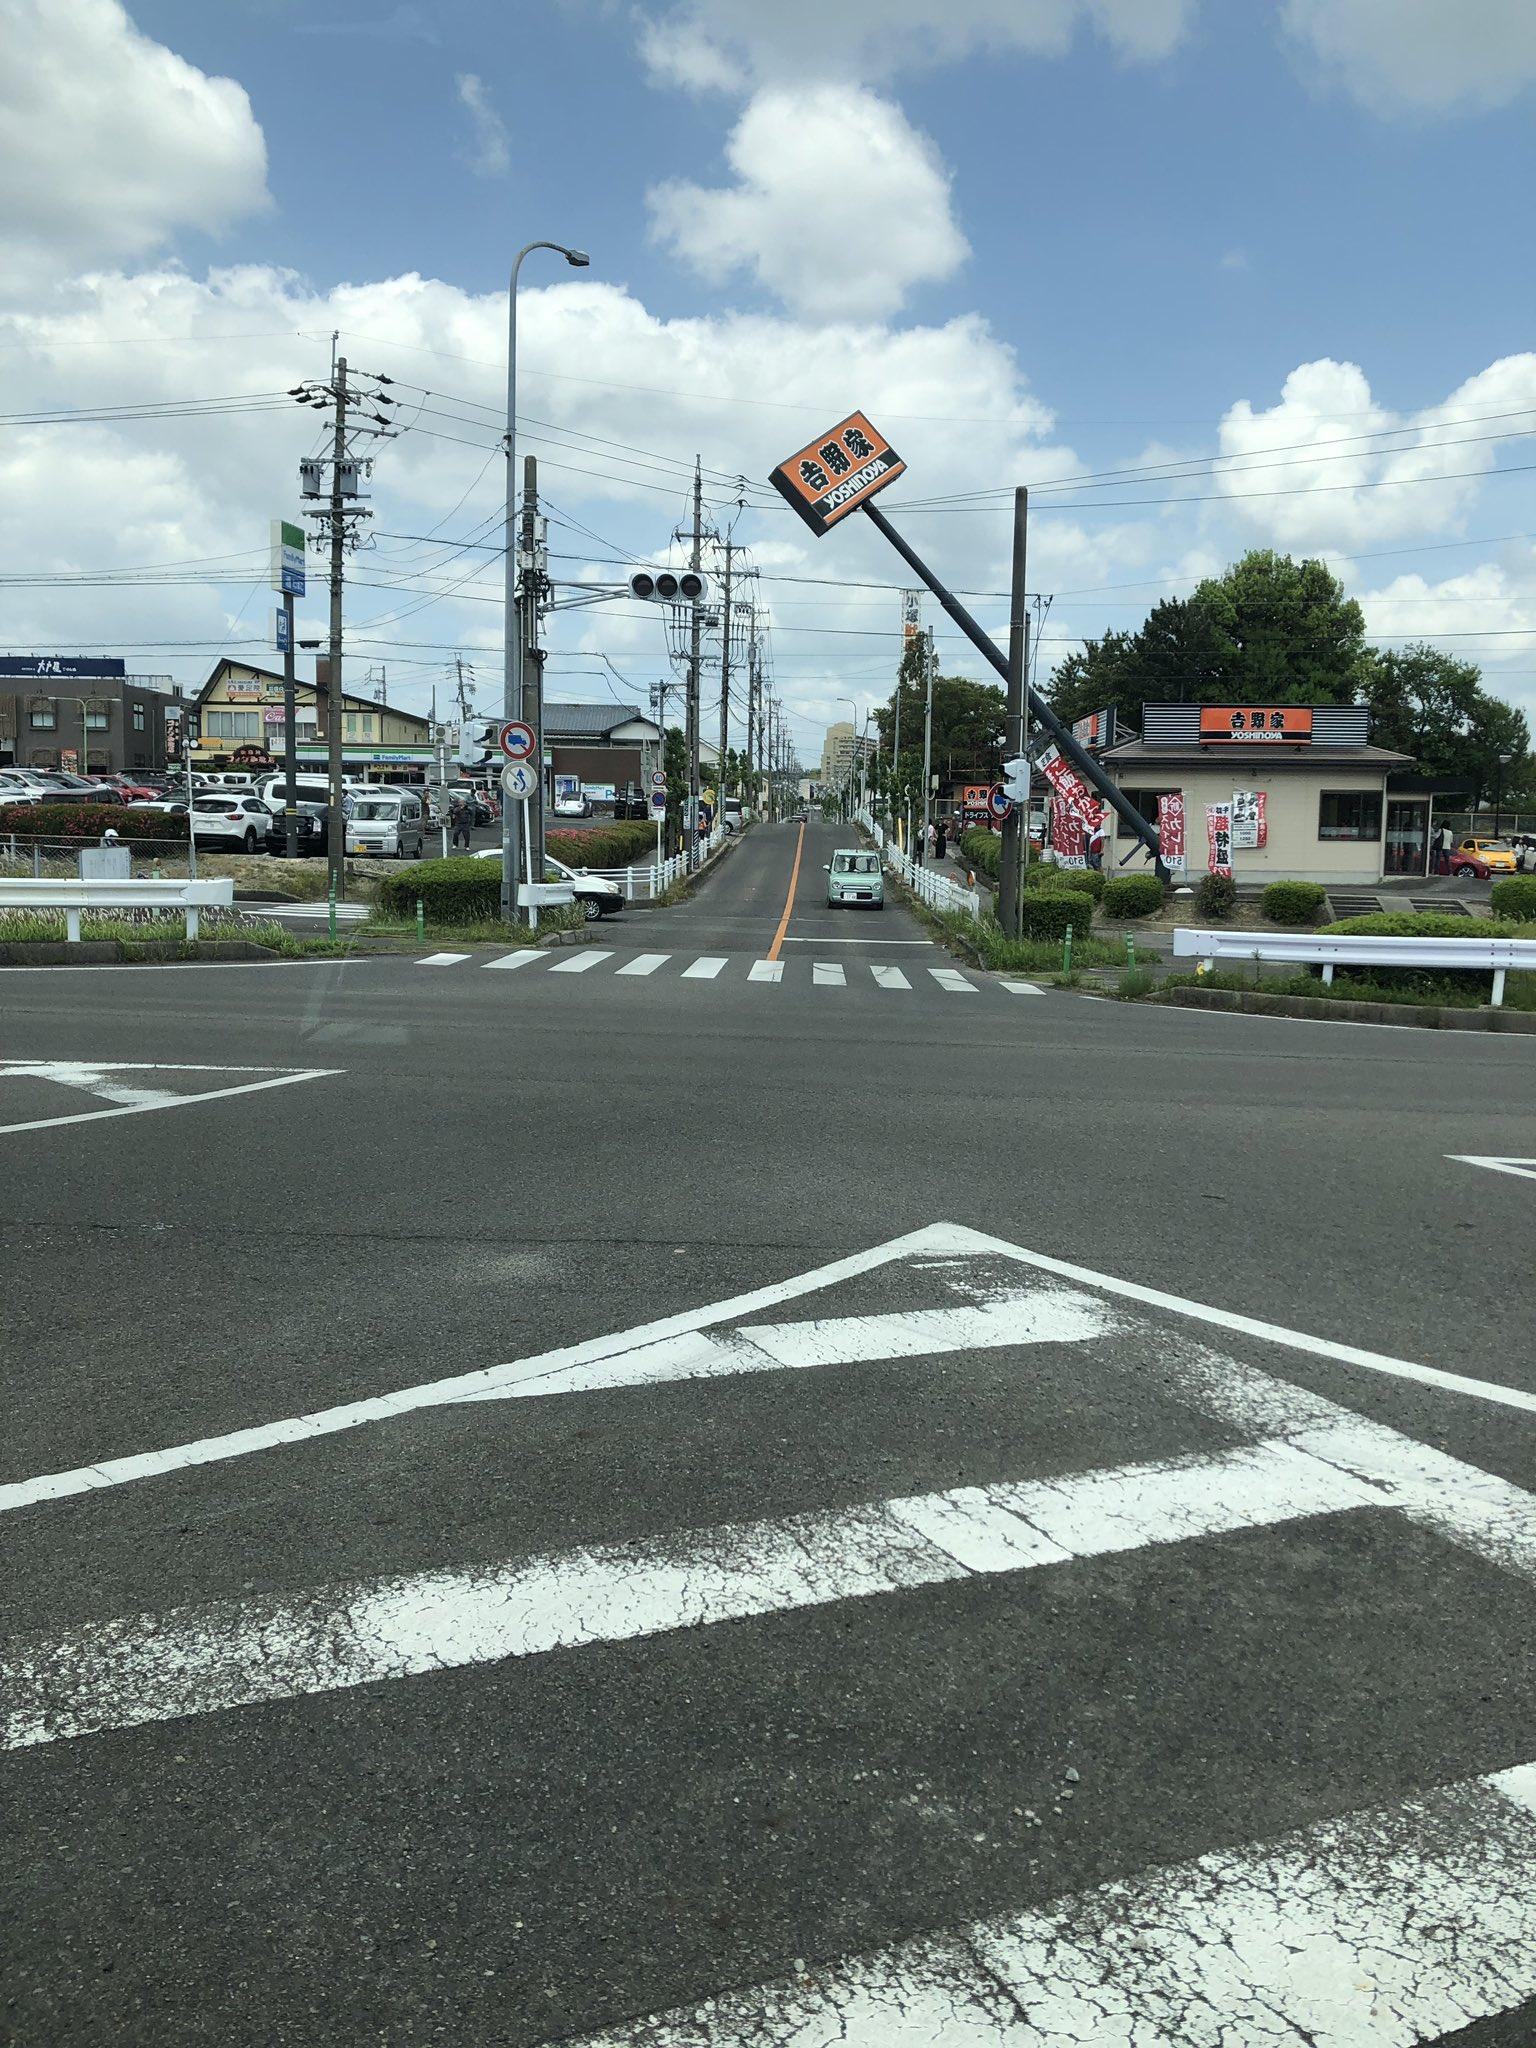 画像,吉野家の看板が!!付近停電(・_・; https://t.co/muhSutb8LA。